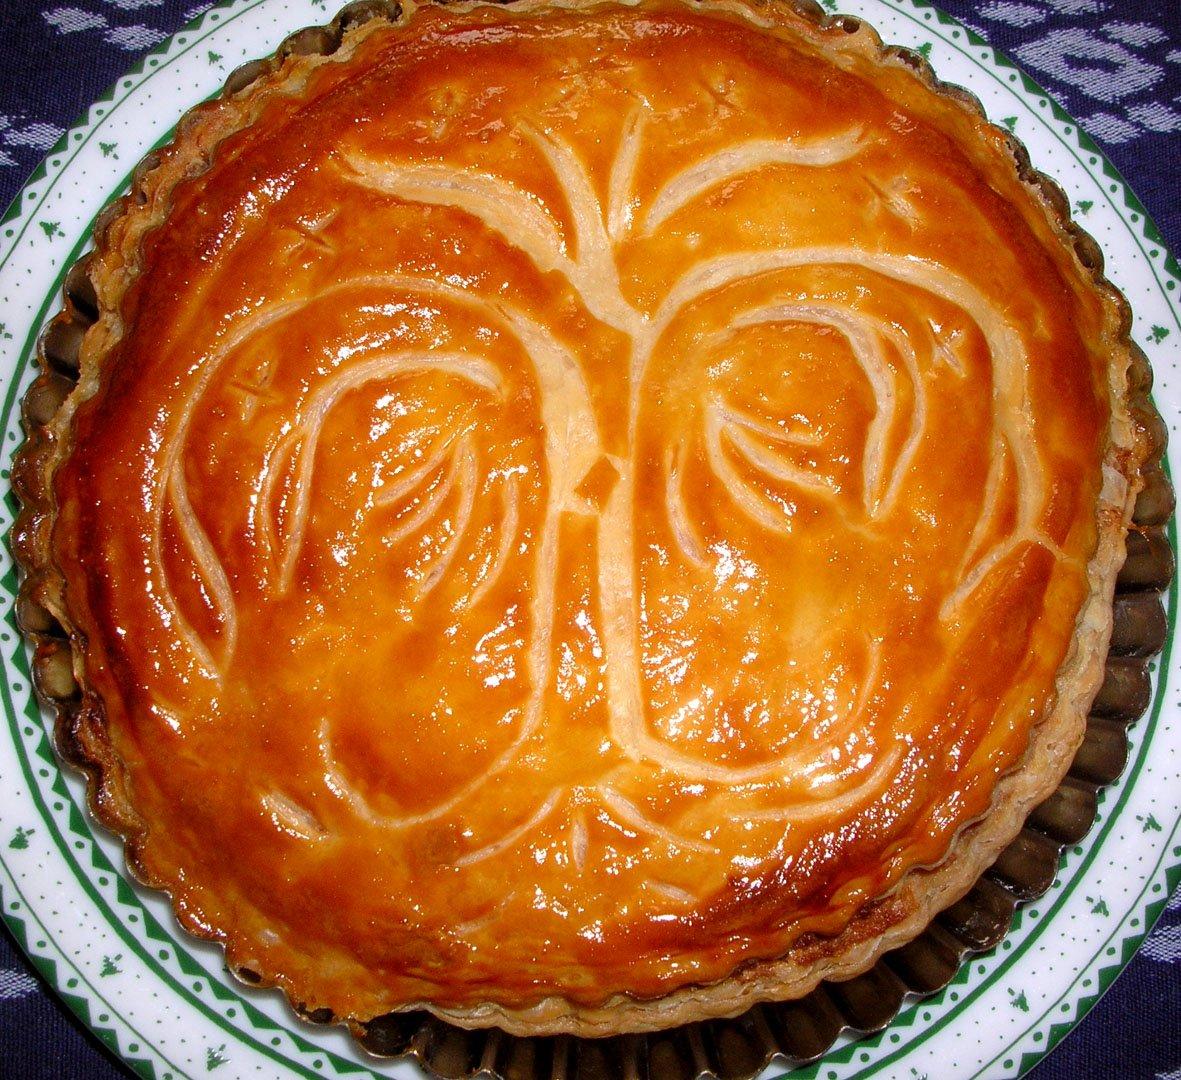 @tenpurasoba4 むかーし焼いたガレットデロワです♪指輪物語にでてくる「白の木」模様(王の紋章)を彫りつけてみたのですが(笑 王のお菓子だからww https://t.co/I6YKXkCRkM